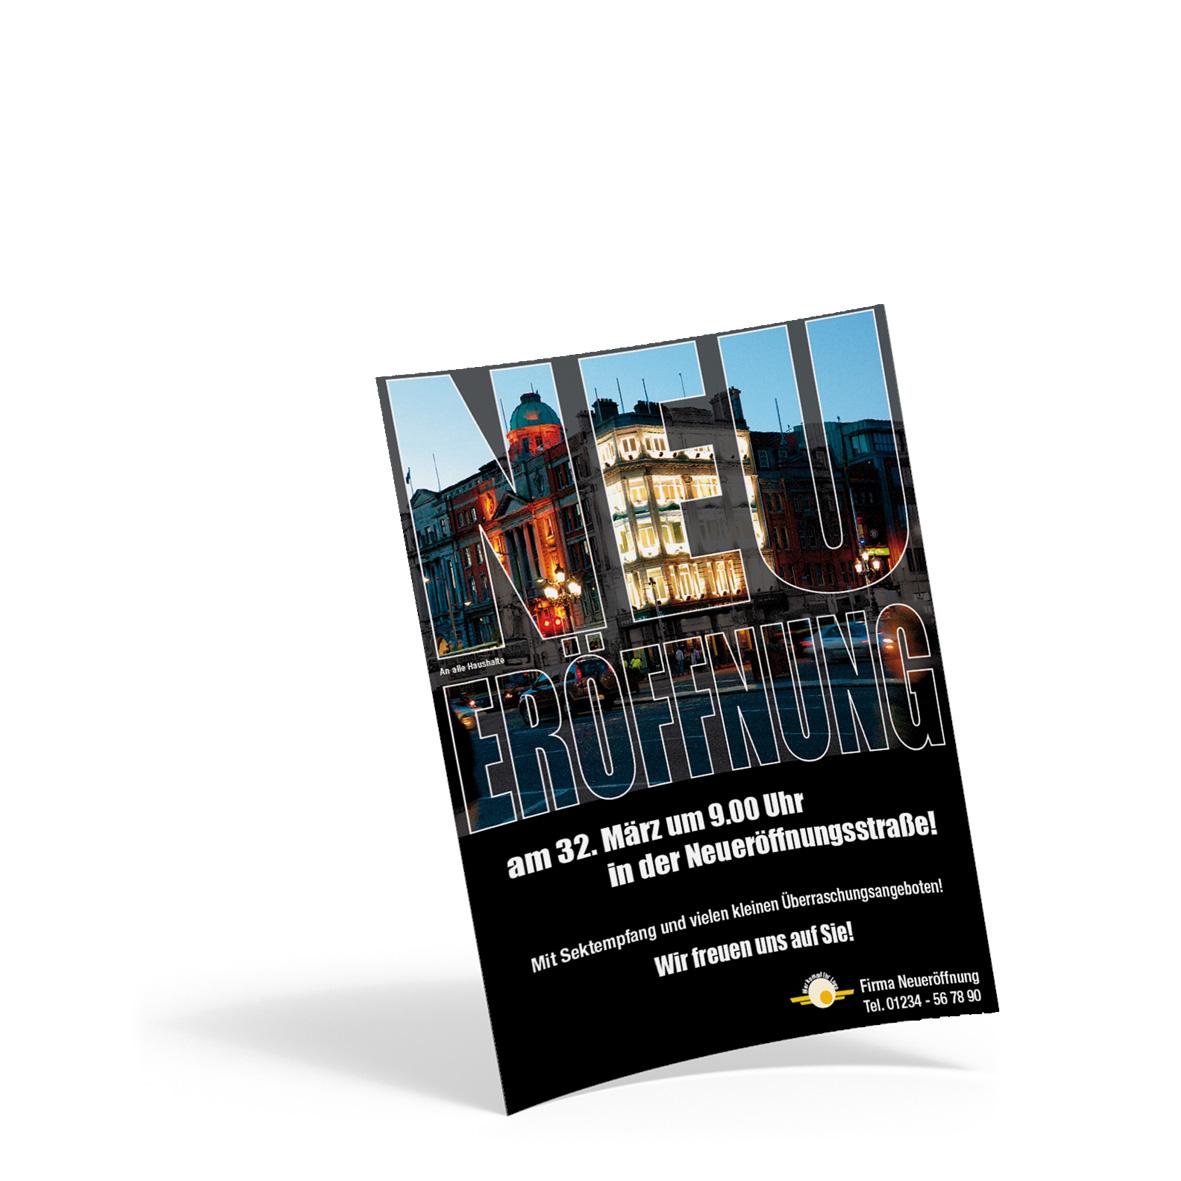 Pythagoras Marketing Gmbh Werbeflyer Din A5 Geschenkgutscheine Visitenkarten Kundenkarten Und Weitere Treuesysteme